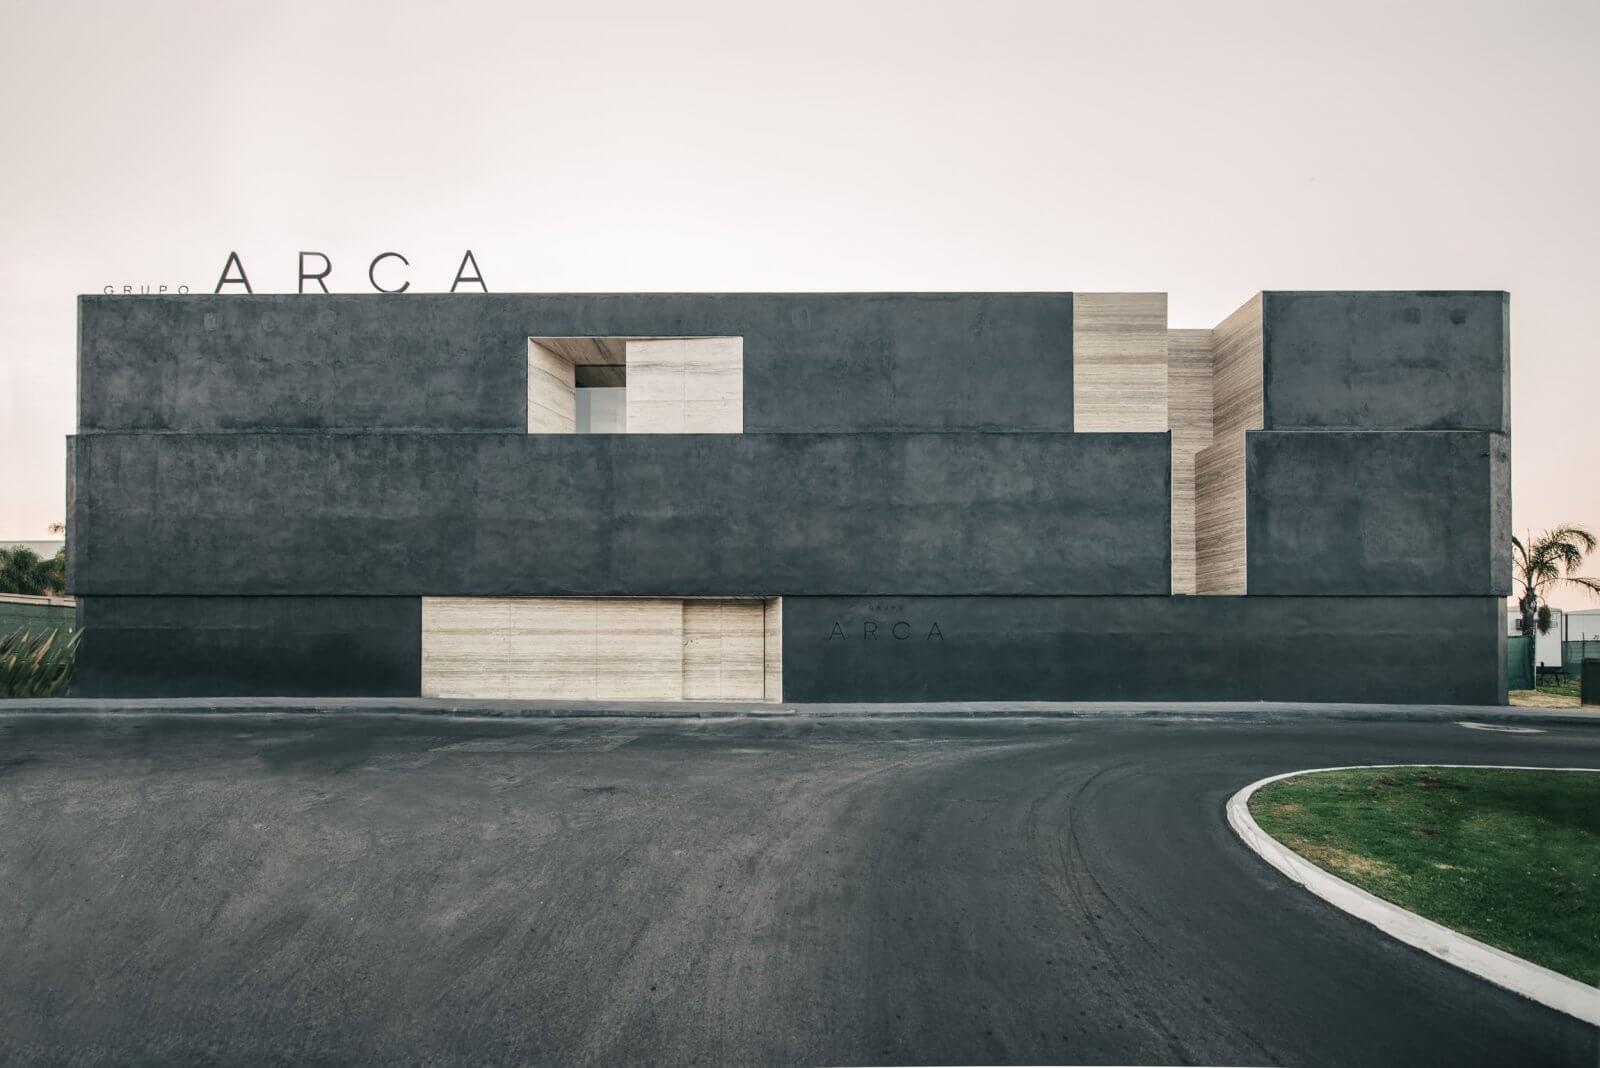 Museo ARCA  - 00 Genevieve Lutkin ARCA 1 31